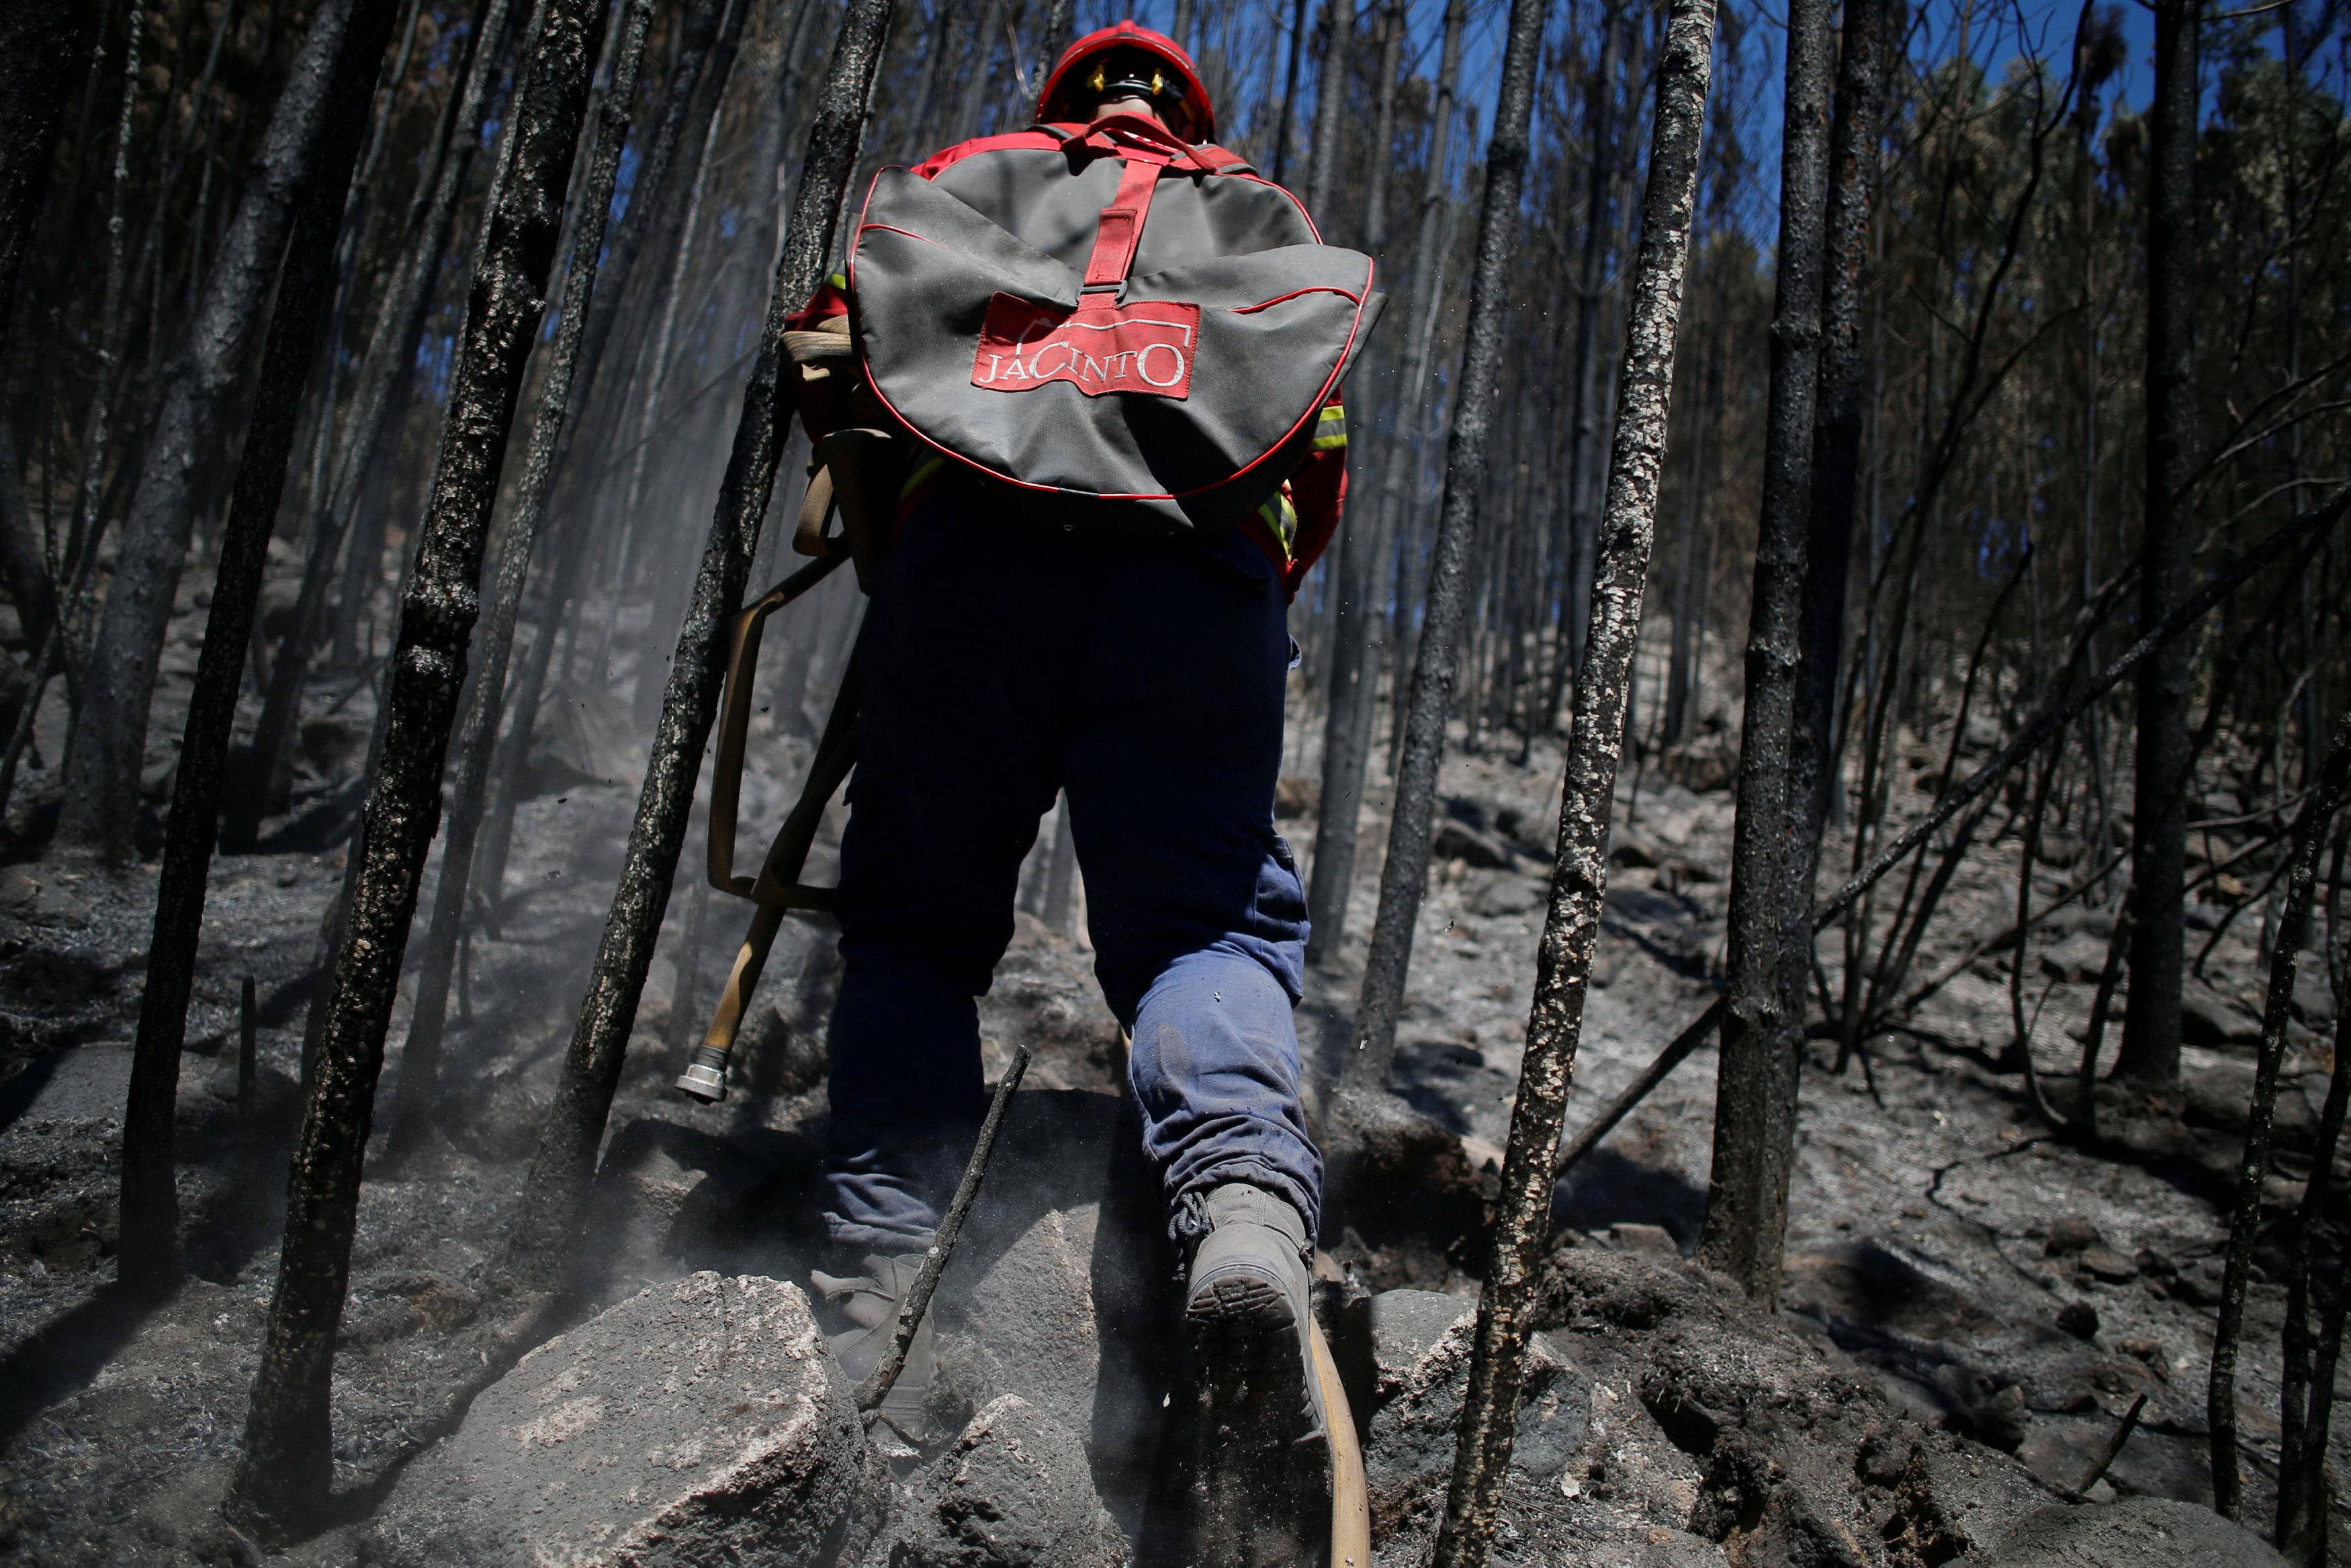 أحد رجال الإطفاء أثناء السيطرة على حرائق الغابات